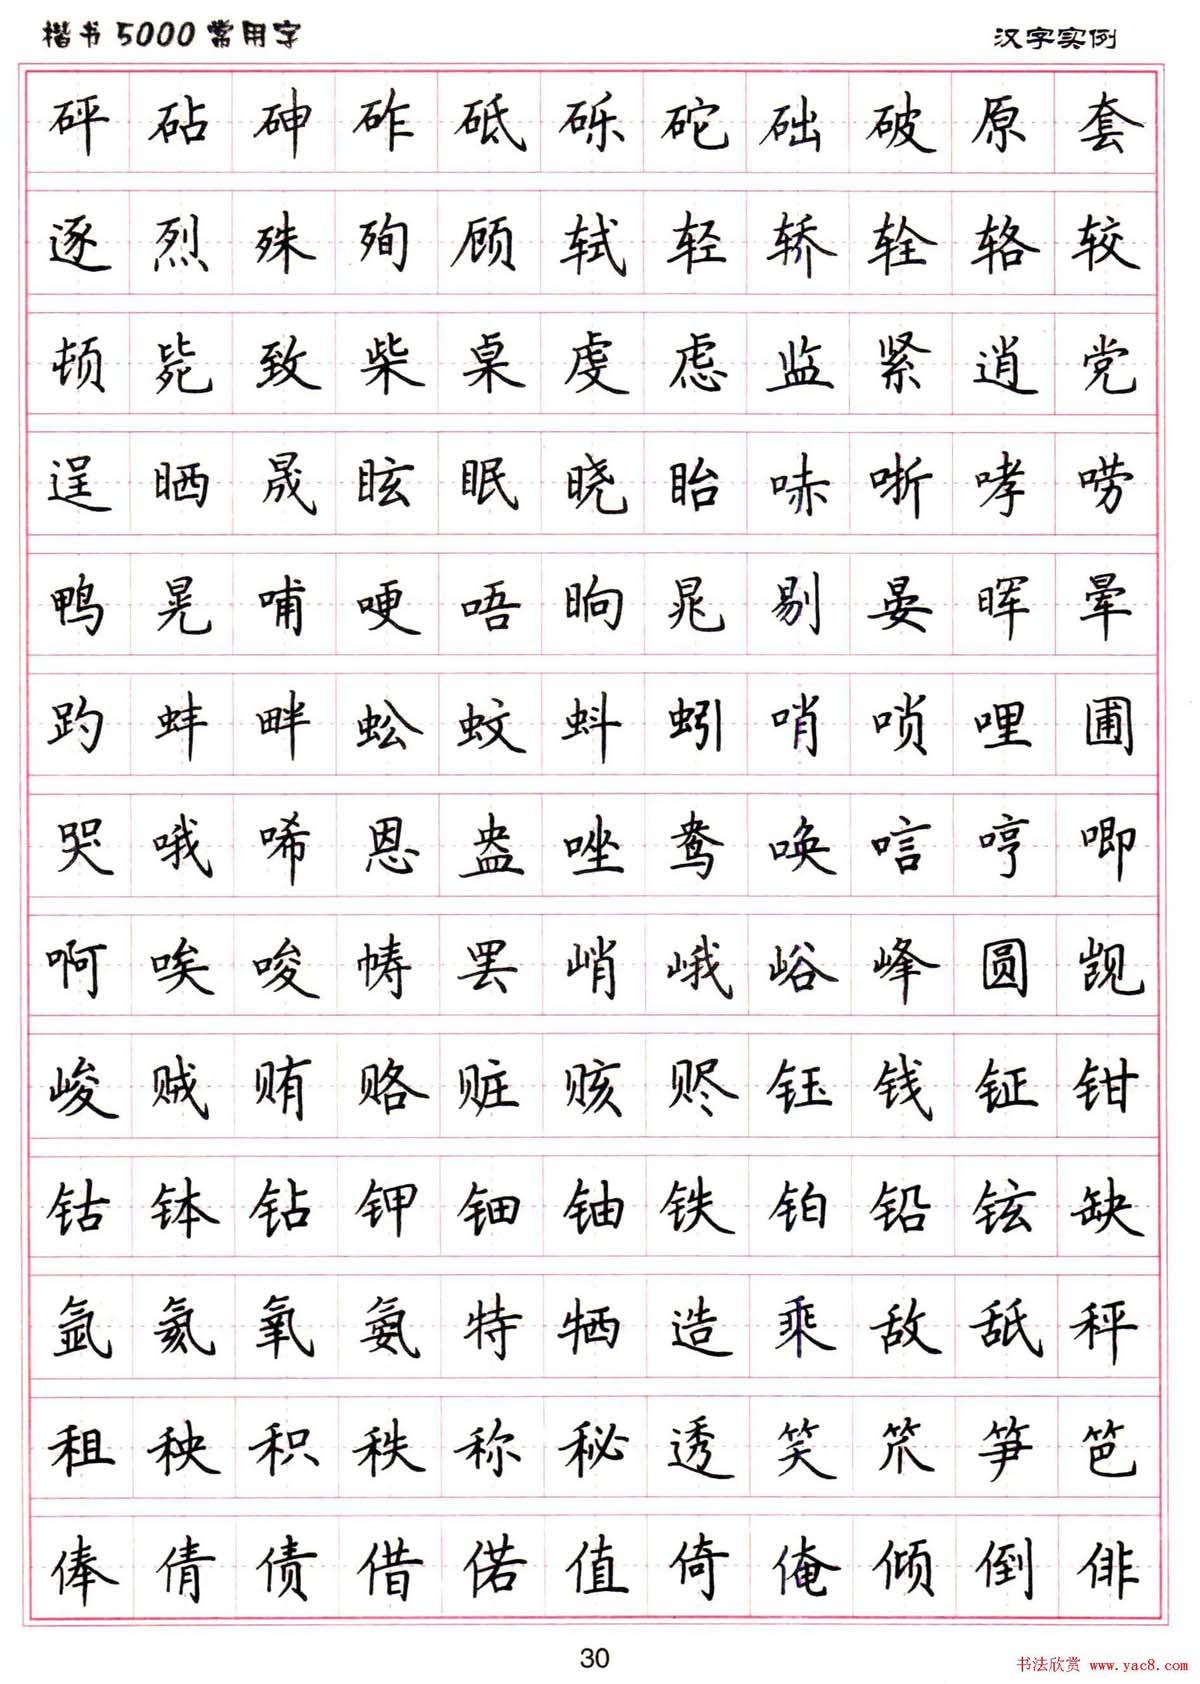 硬笔书法字帖下载 楷书5000常用字 第31页 钢笔字帖 书法欣赏图片